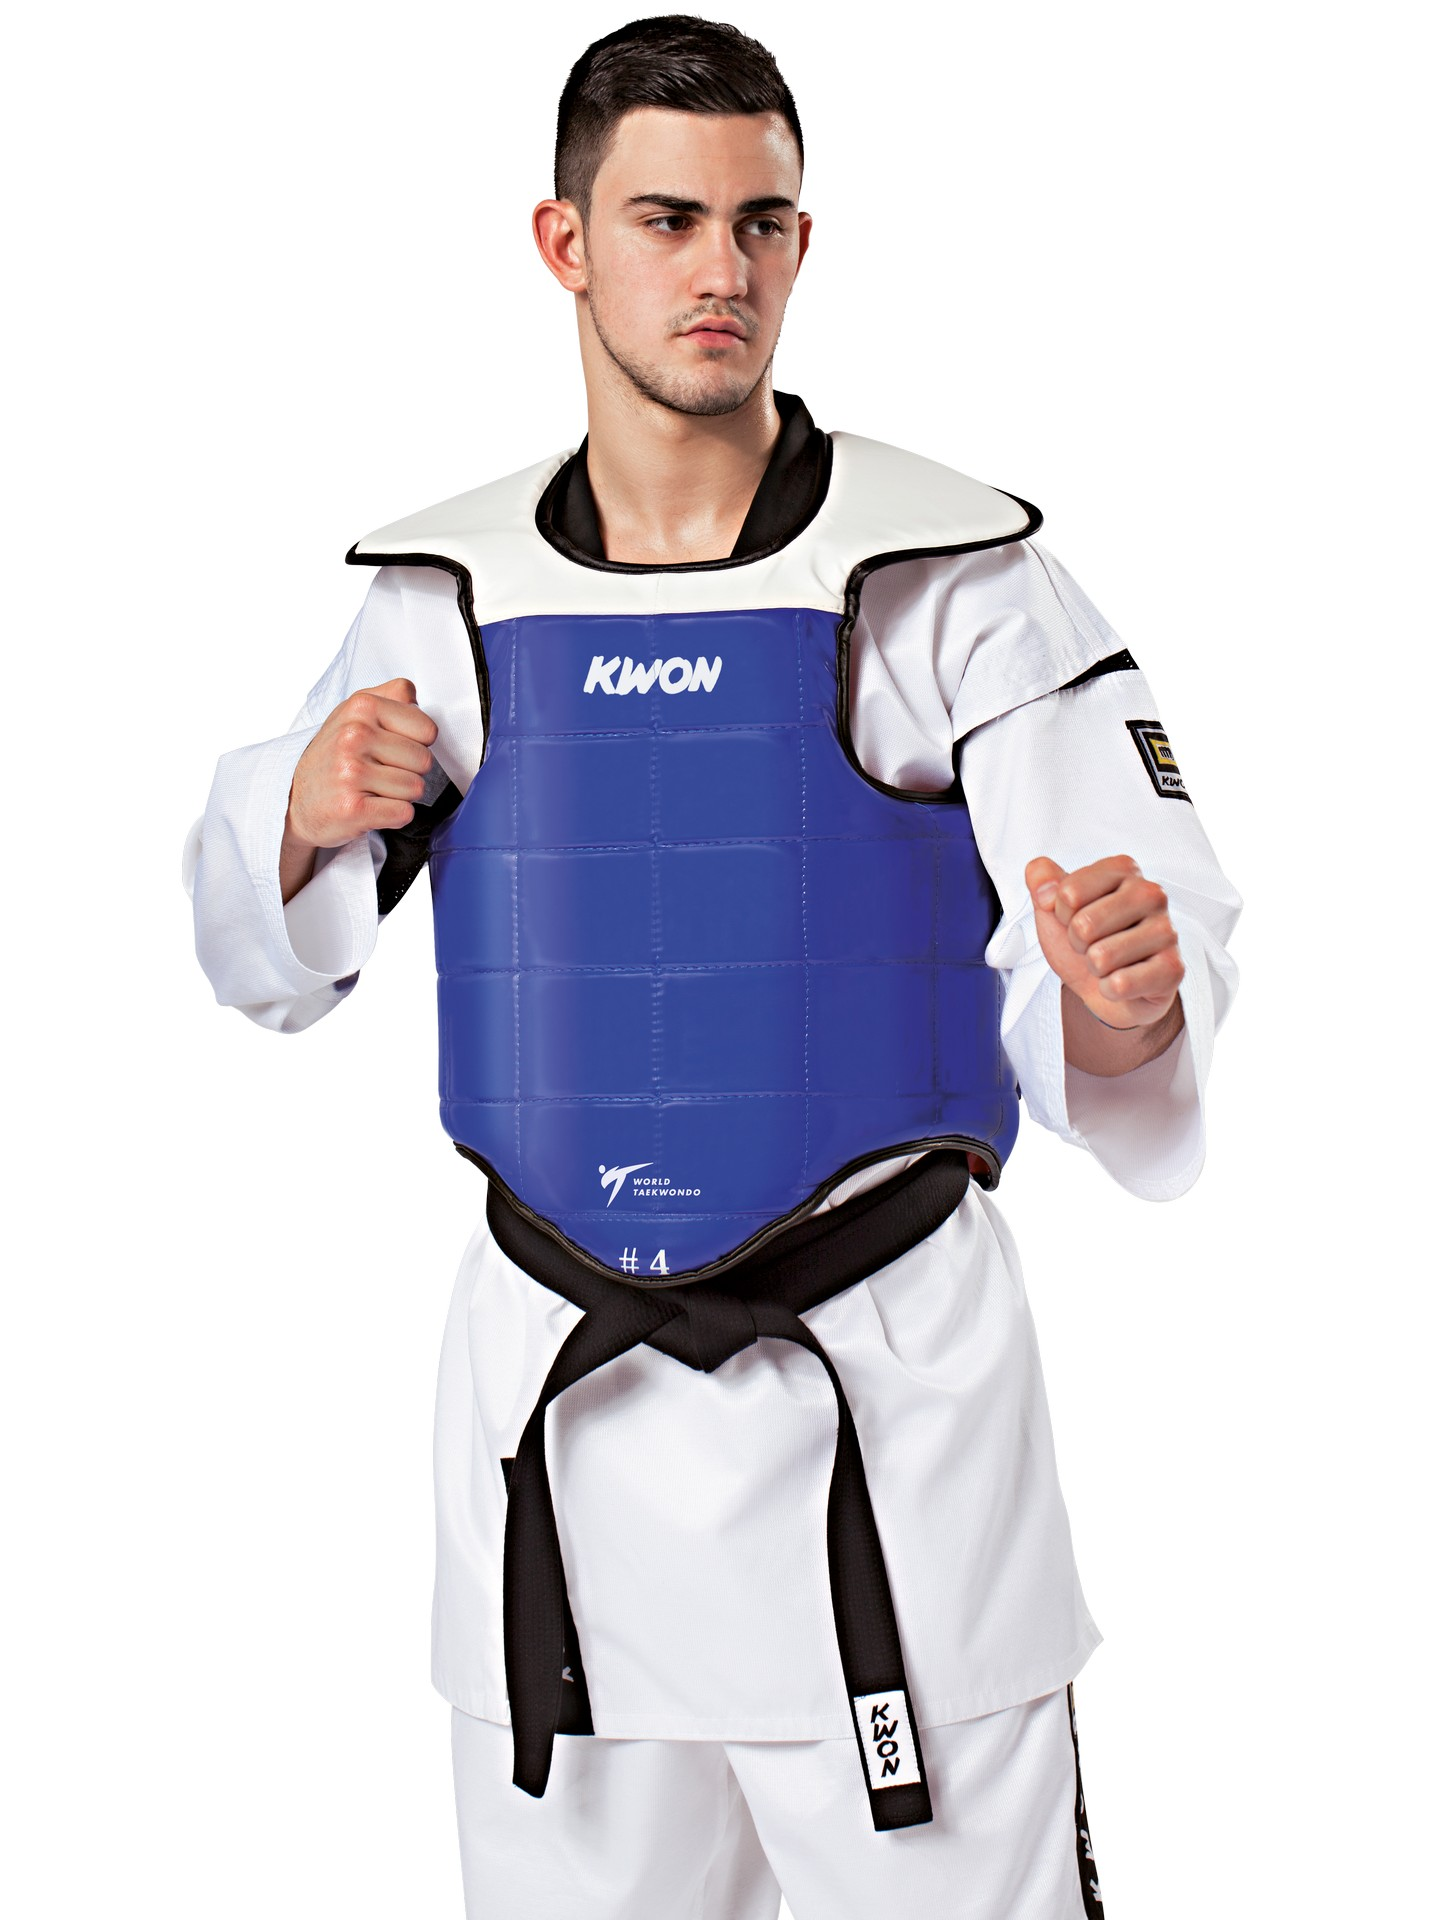 KWON Taekwondo Kampfweste COMPETITION REVERSIBLE M